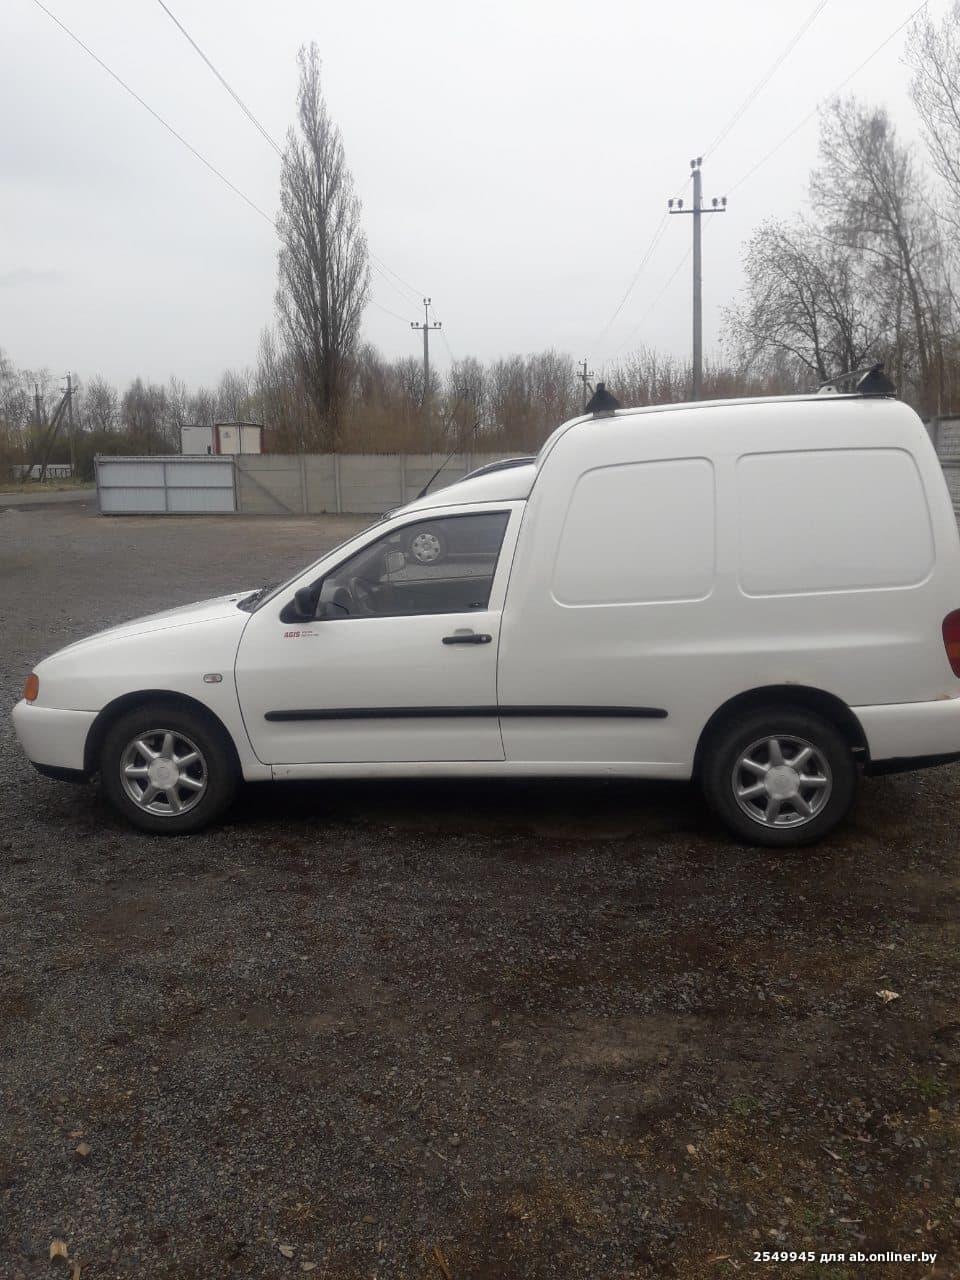 Volkswagen Caddy CL